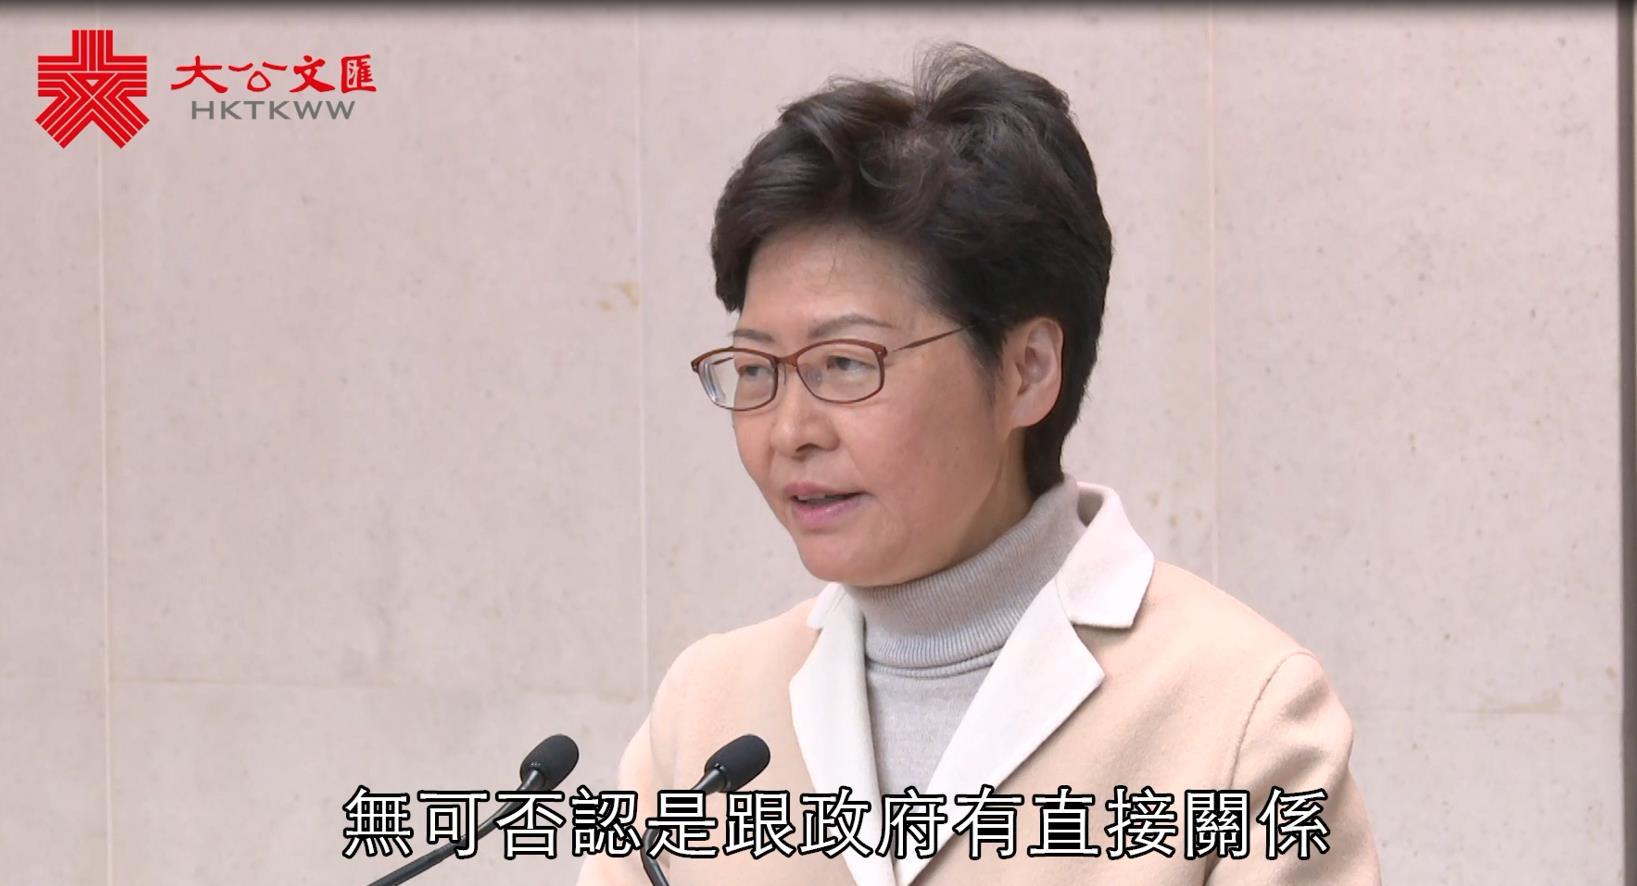 林鄭月娥:政府會繼續聆聽長期努力的政黨意見